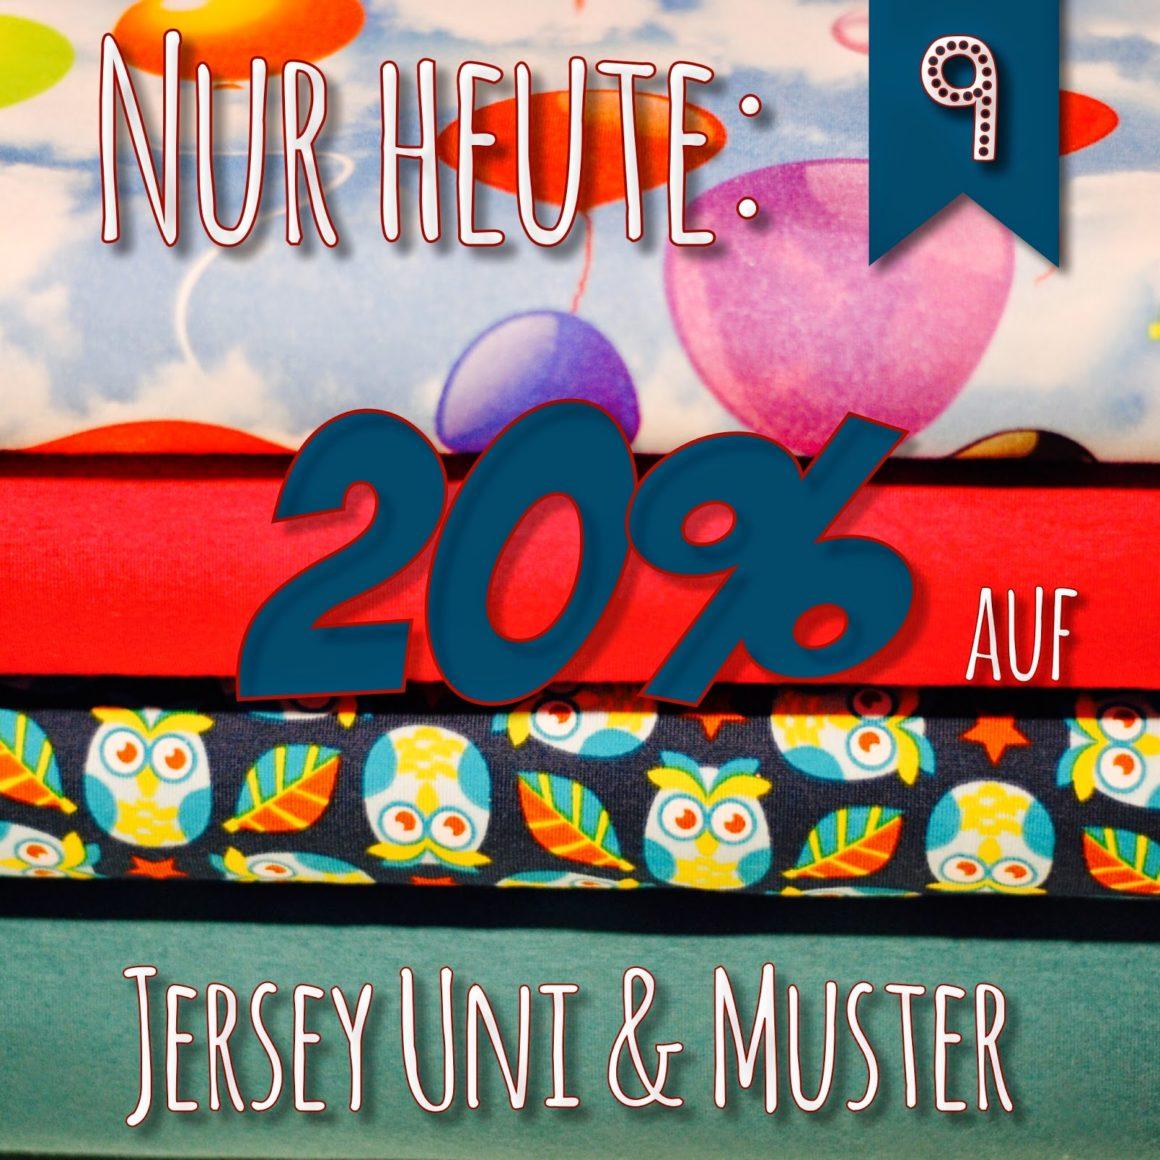 Türchen N°9 im Adventsmirakel: 20% Rabatt auf Jersey gemustert & uni!